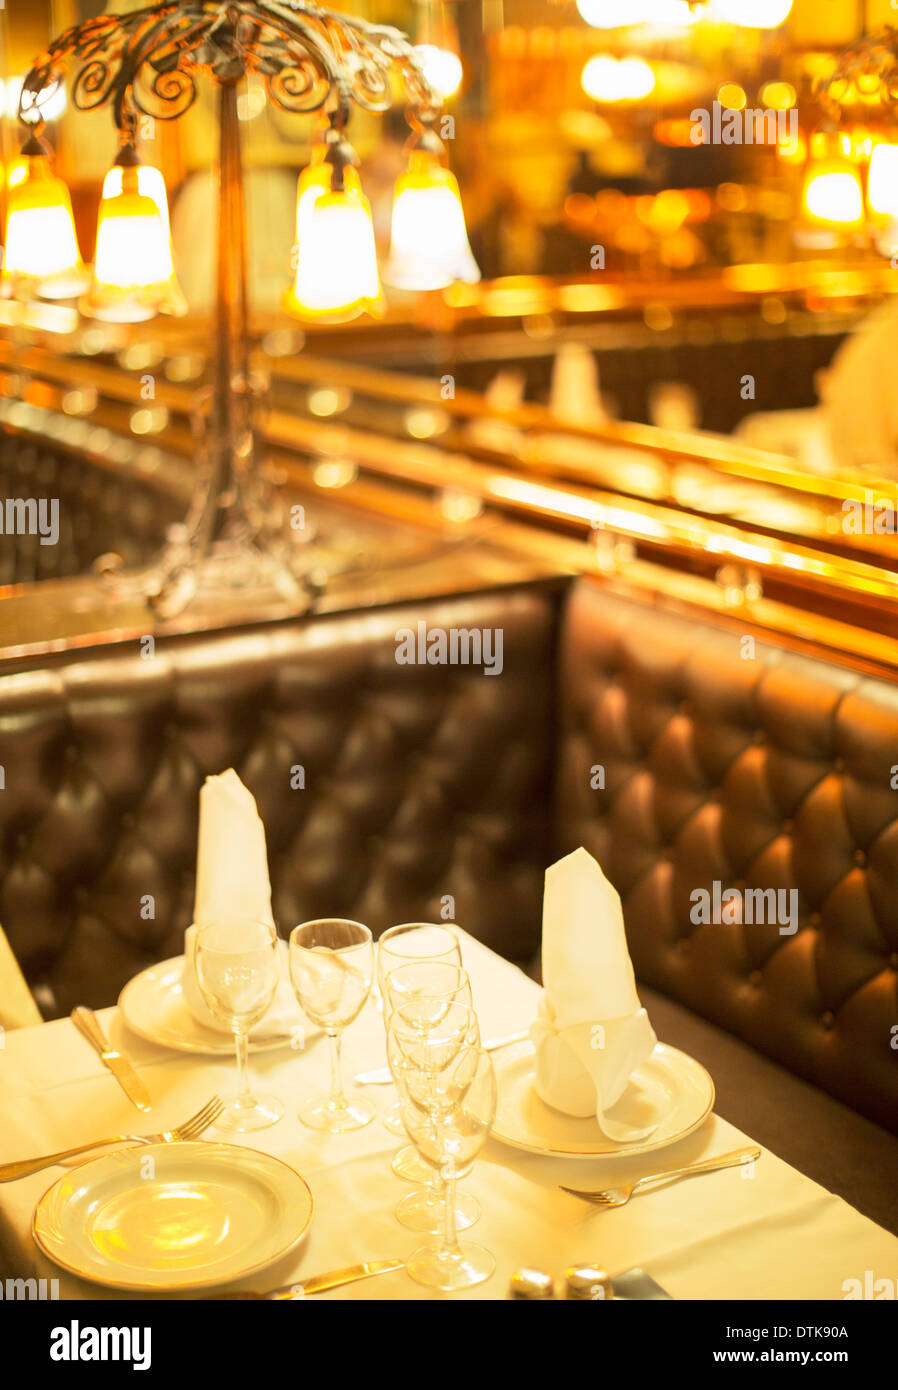 Gedeckter Tisch im restaurant Stockbild